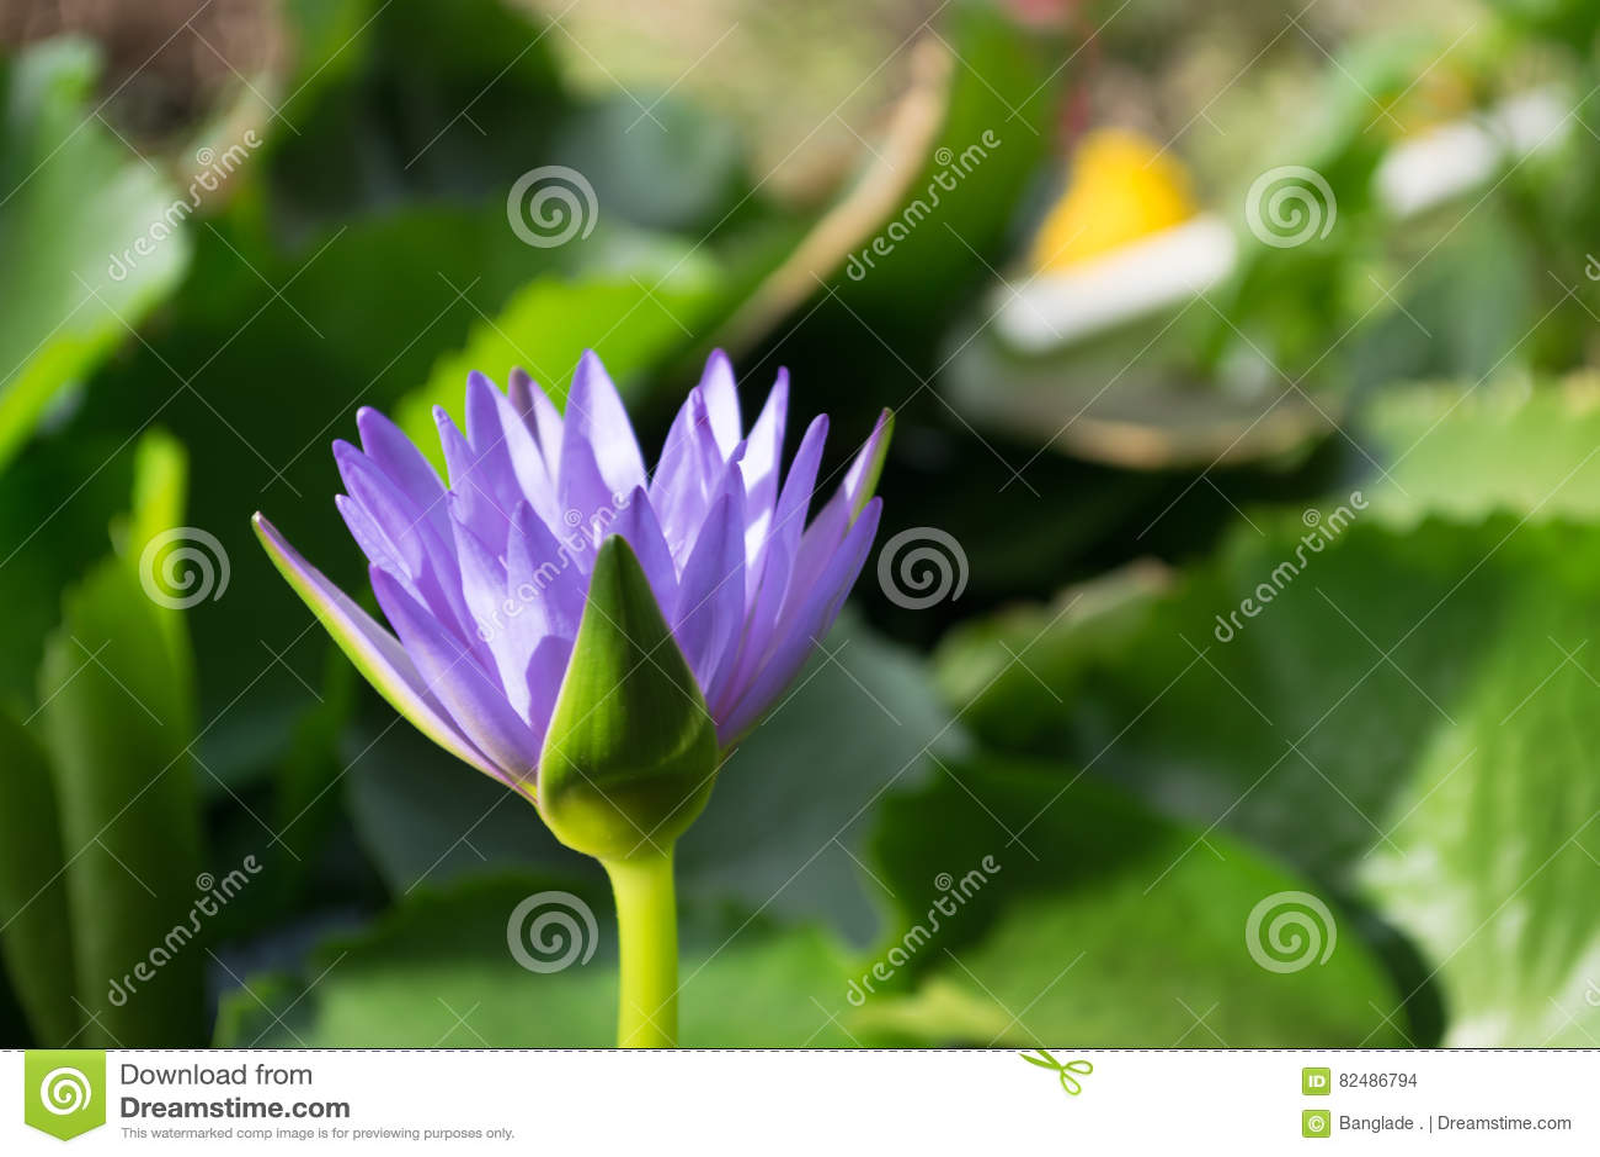 Violette Lotosblume im Wasserteich mit Grat backgroung, Thailand